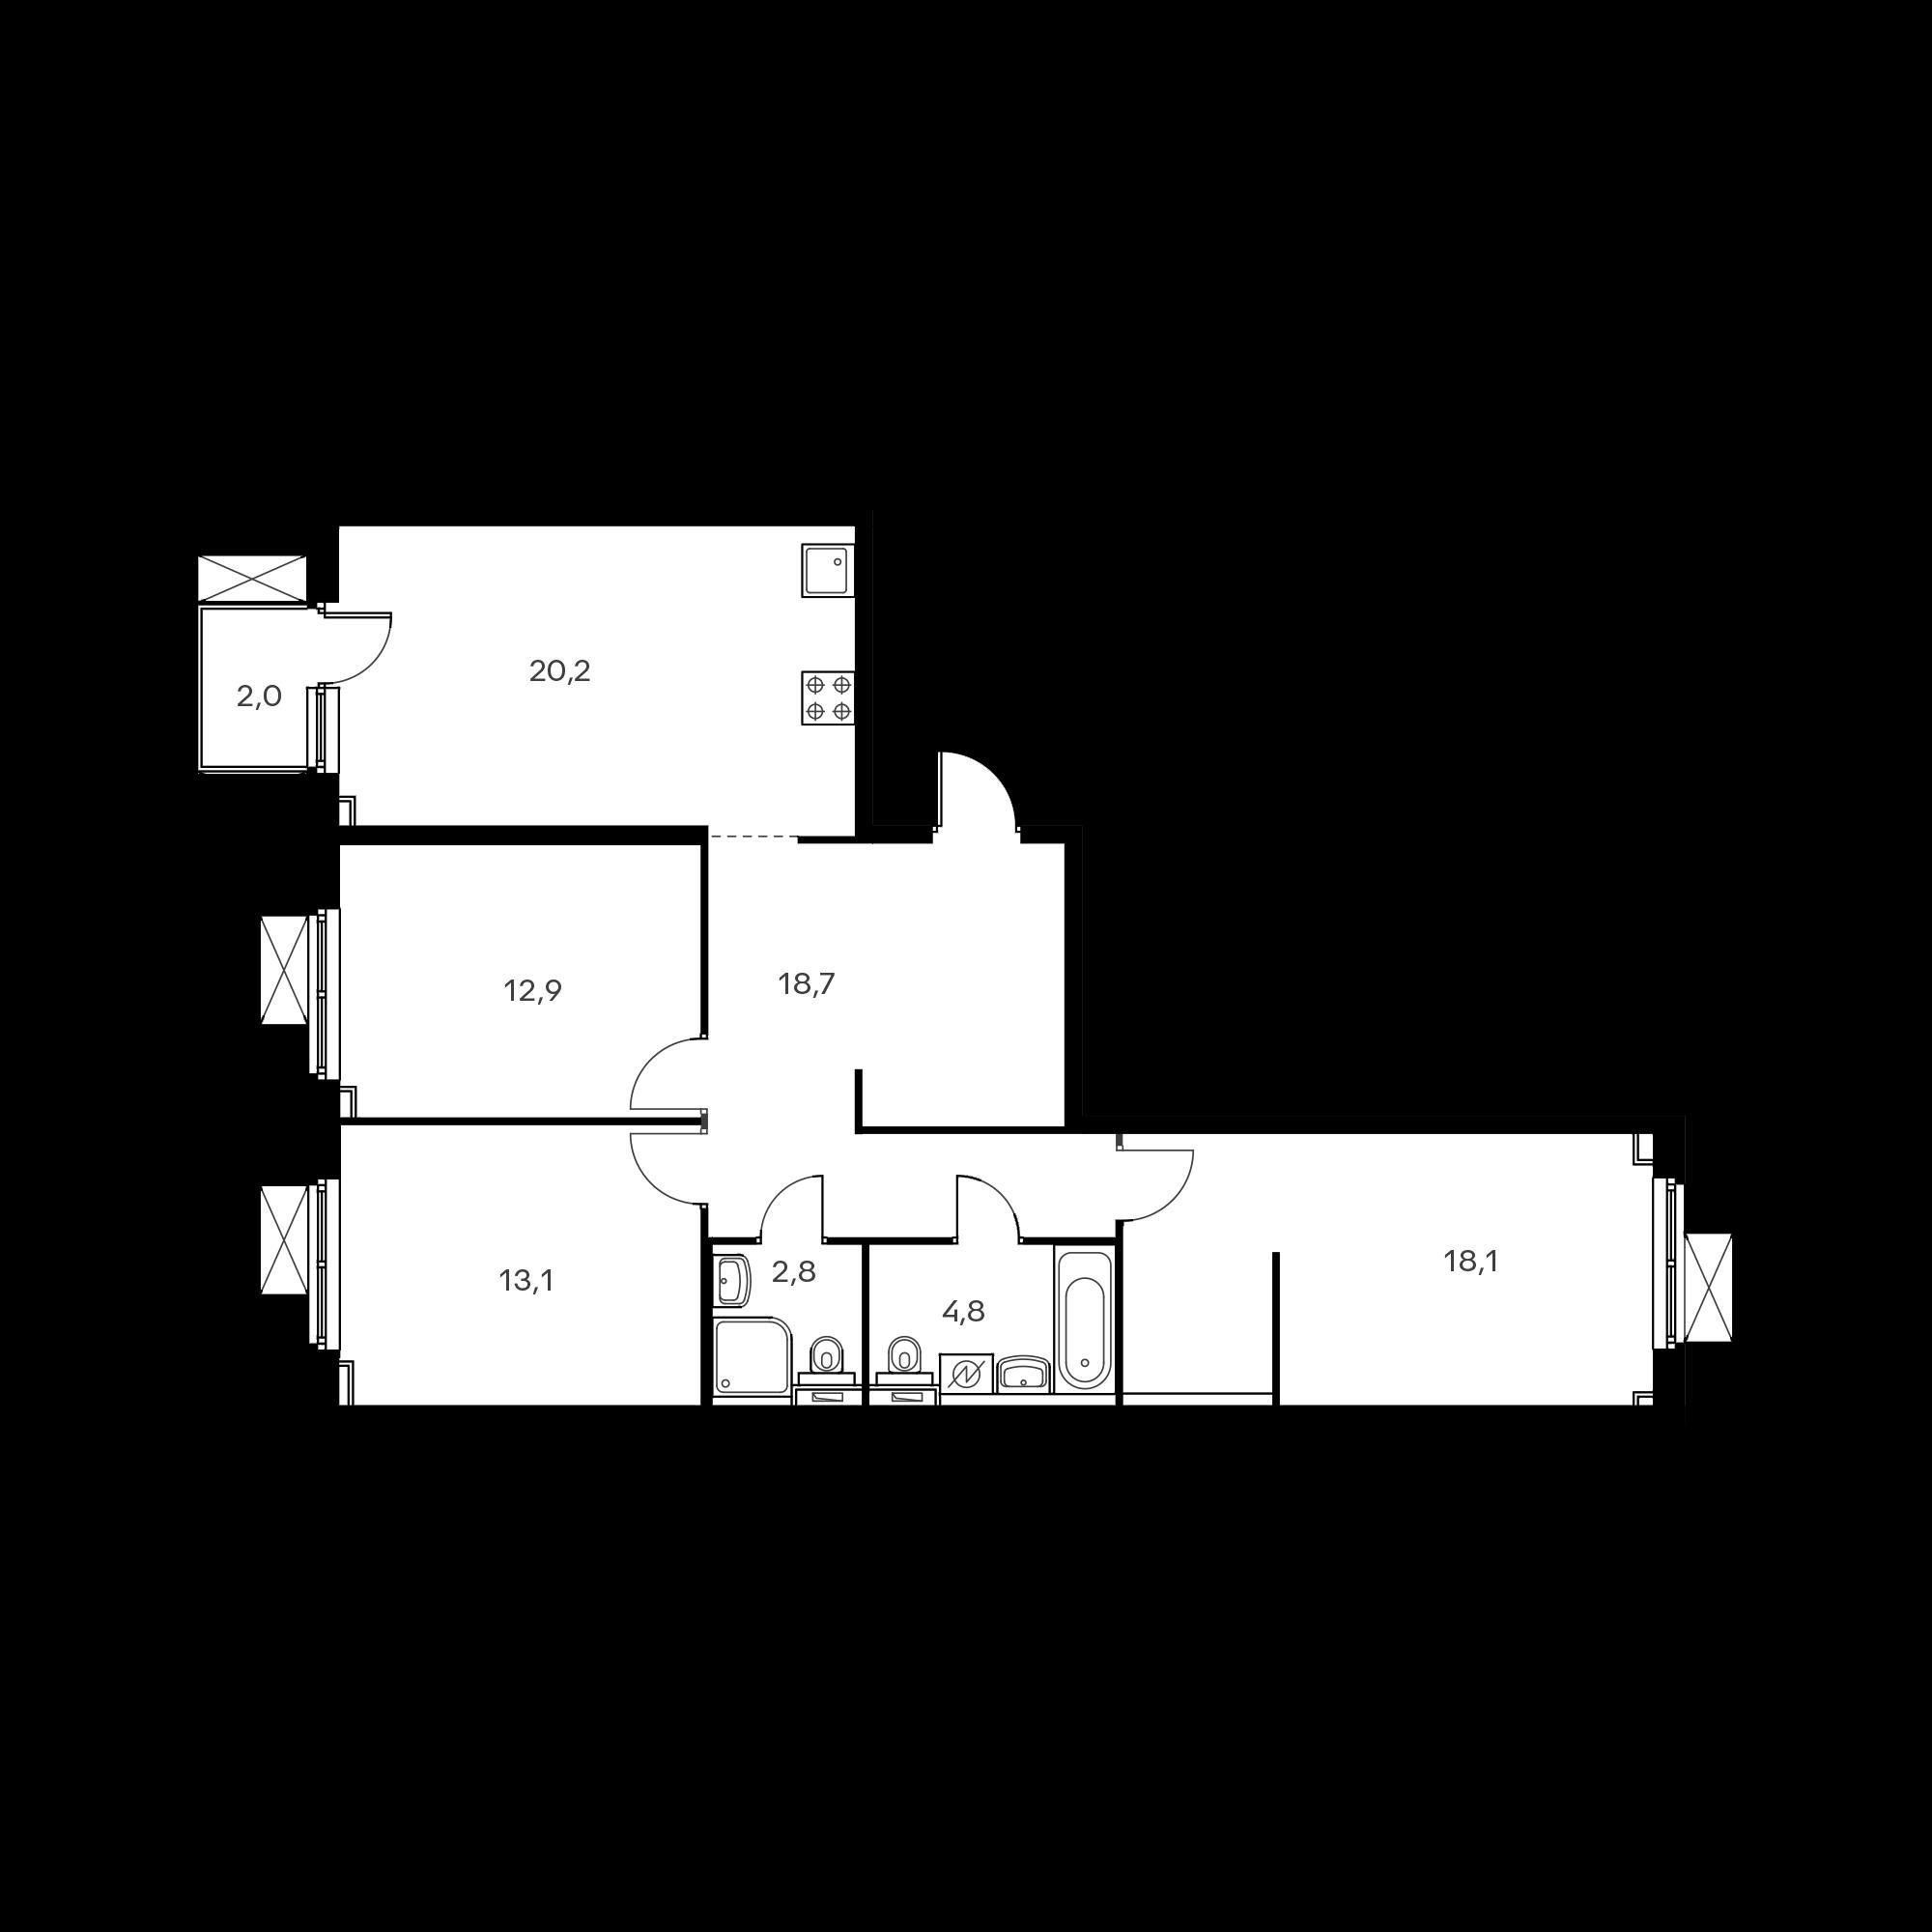 3EL3_10.2-1_T_B(K-2,0)